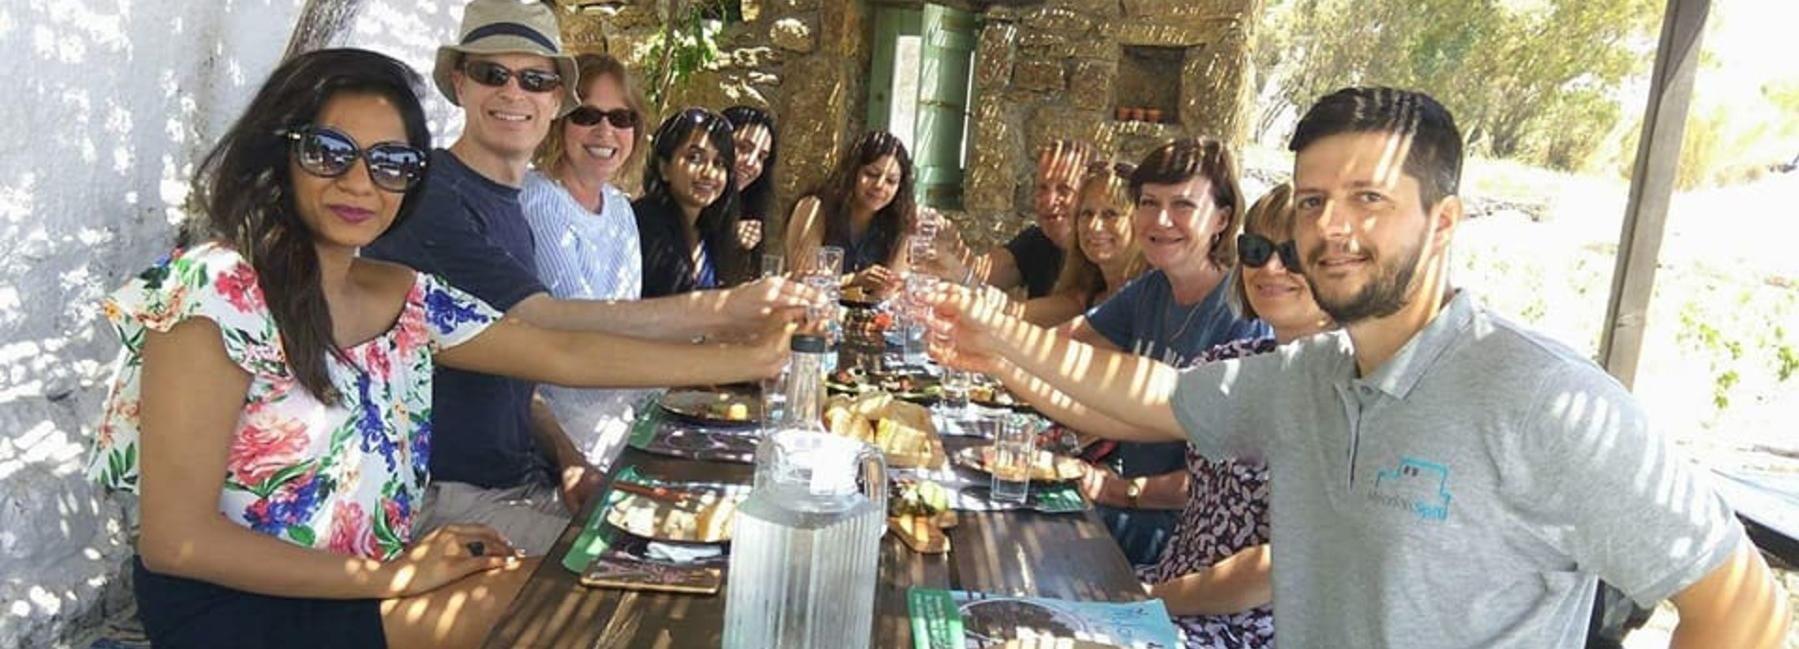 Mykonos: Discover Authentic Mykonos Tour